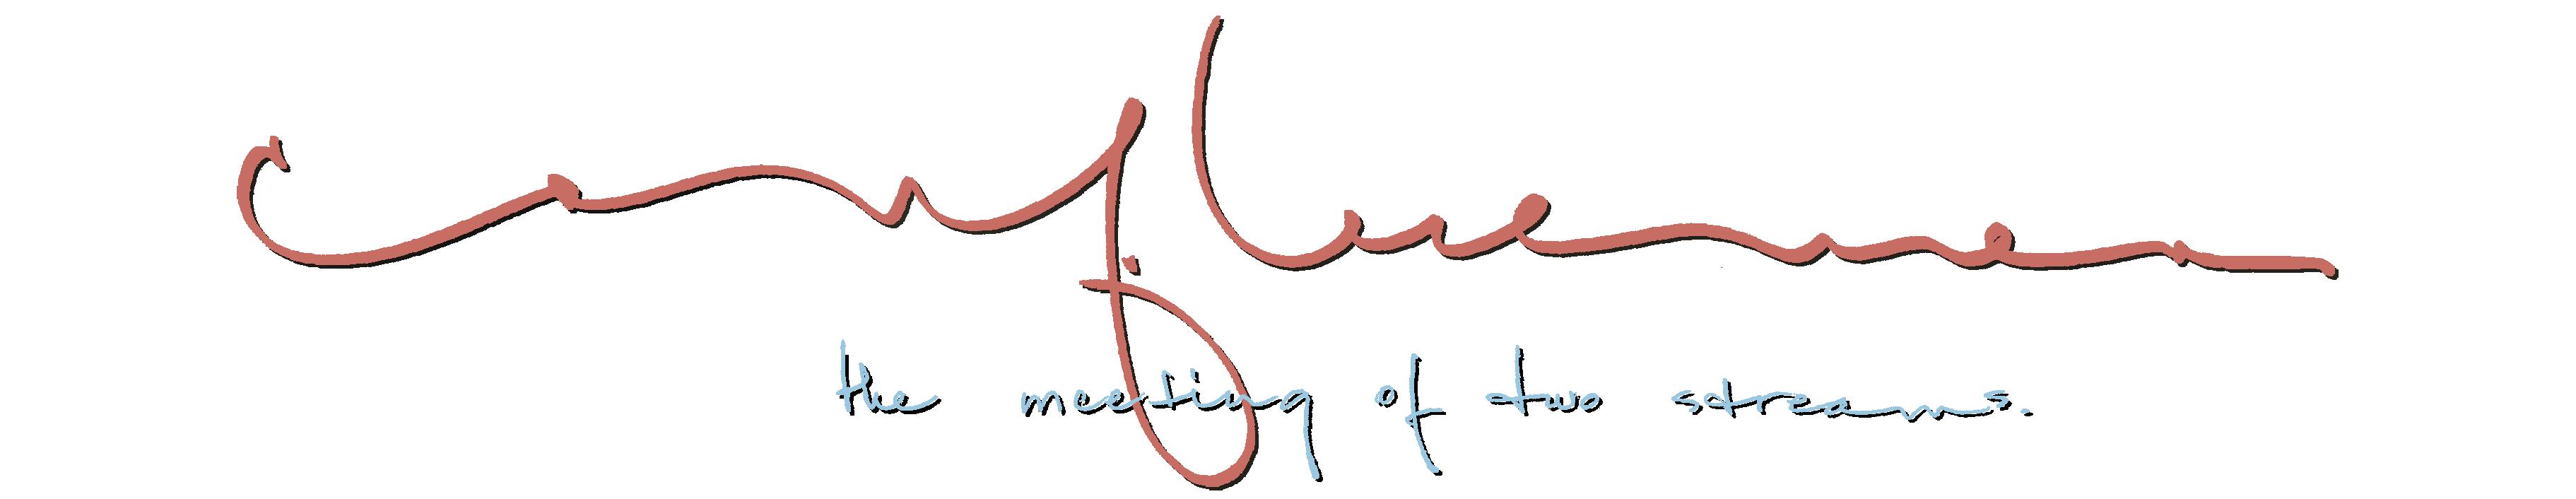 Summer 2016 confluence script